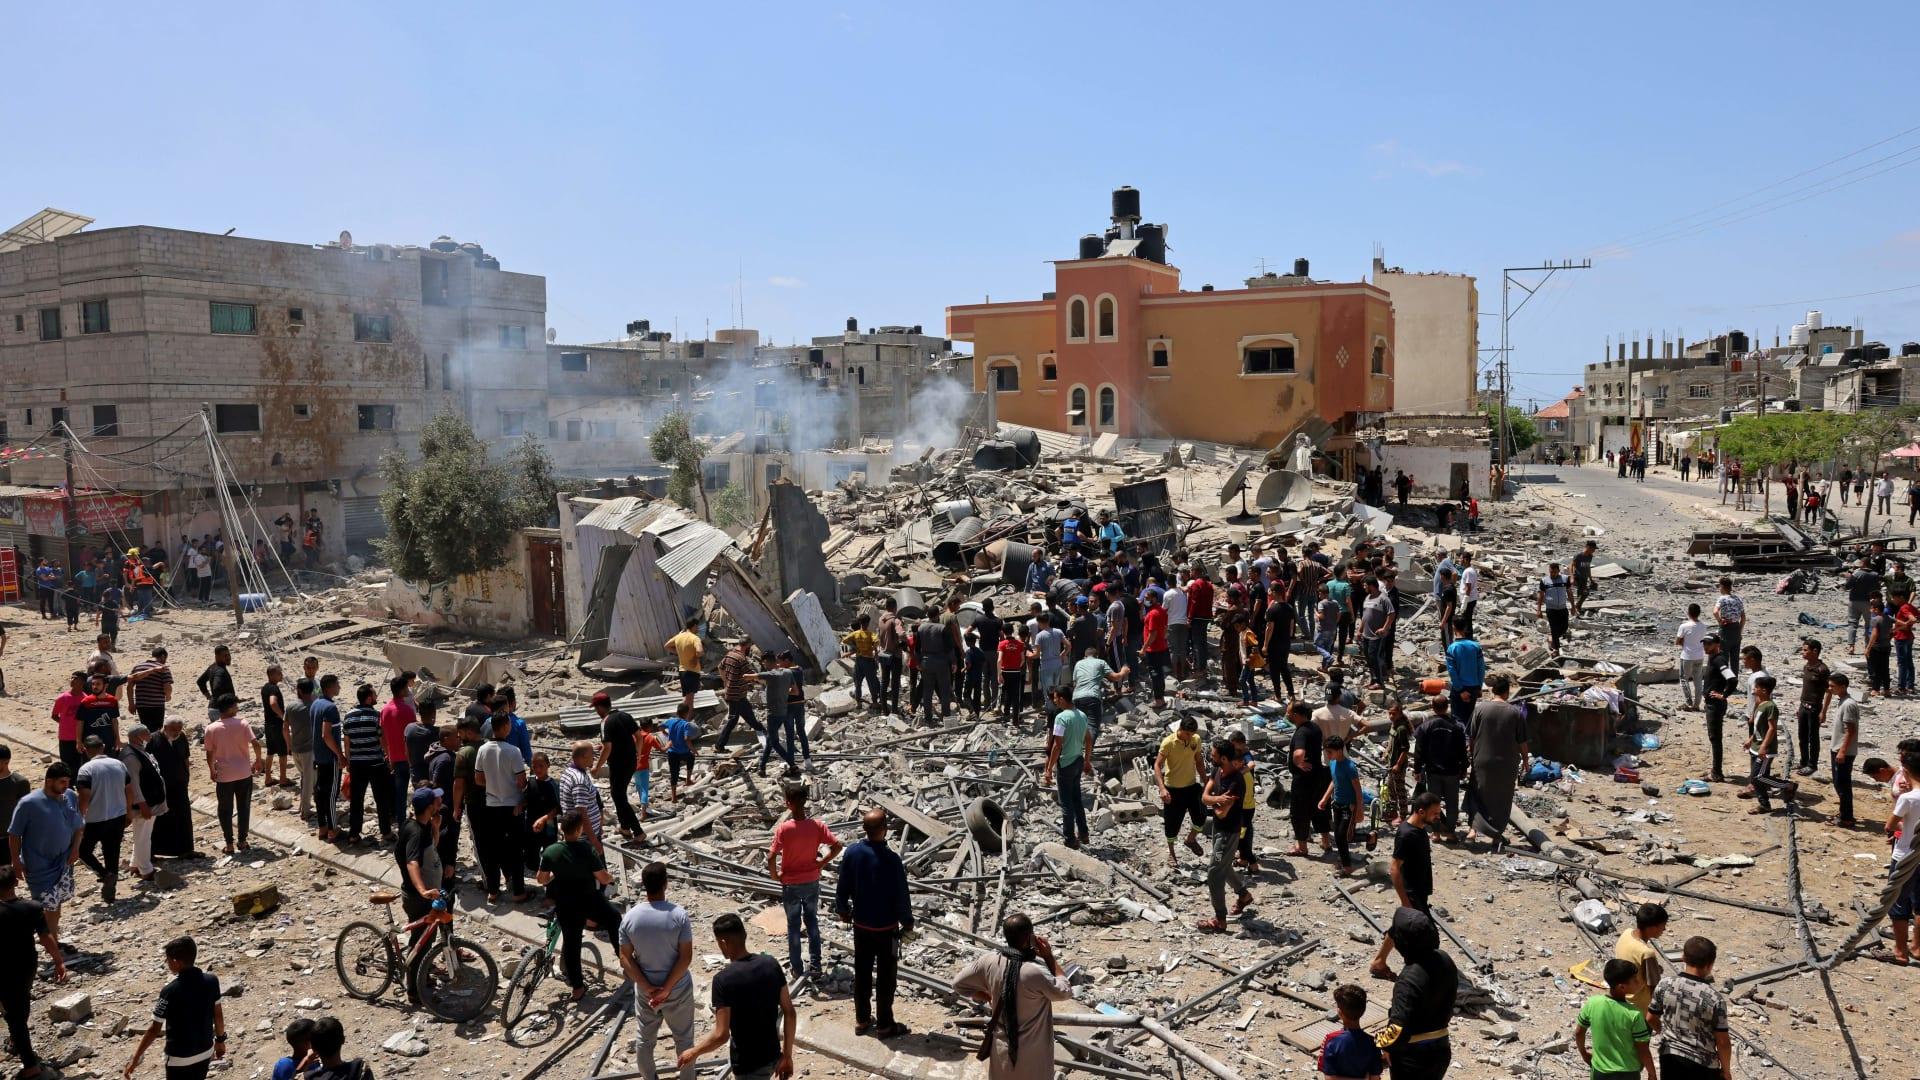 نتنياهو يتعهد بمواصلة العمليات في غزة رغم الضغوط الأمريكية لإنهاء العنف